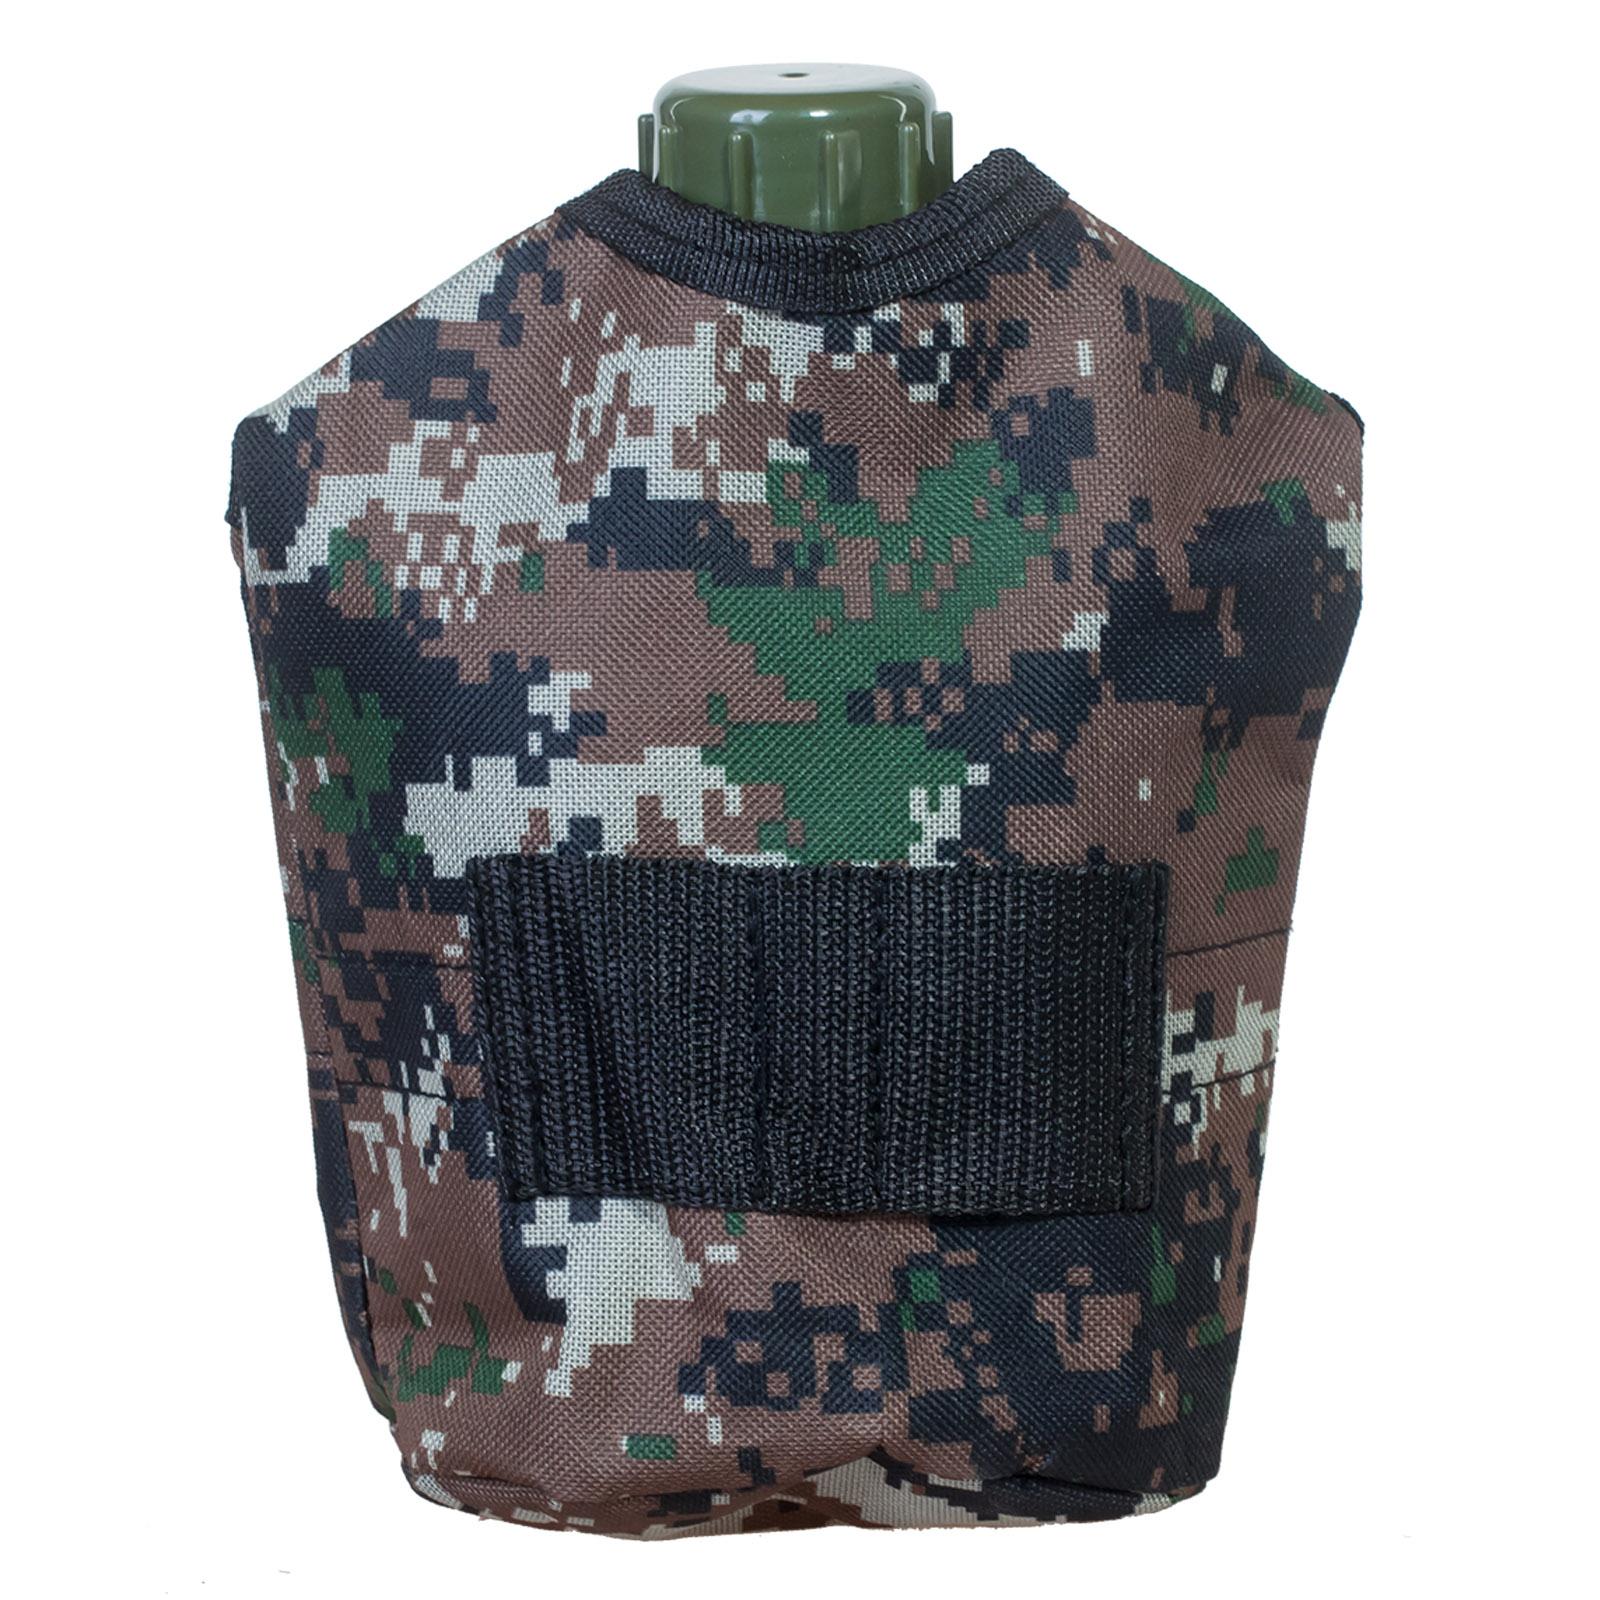 Заказать армейский термочехол камуфляжа Marpat Digital Woodland